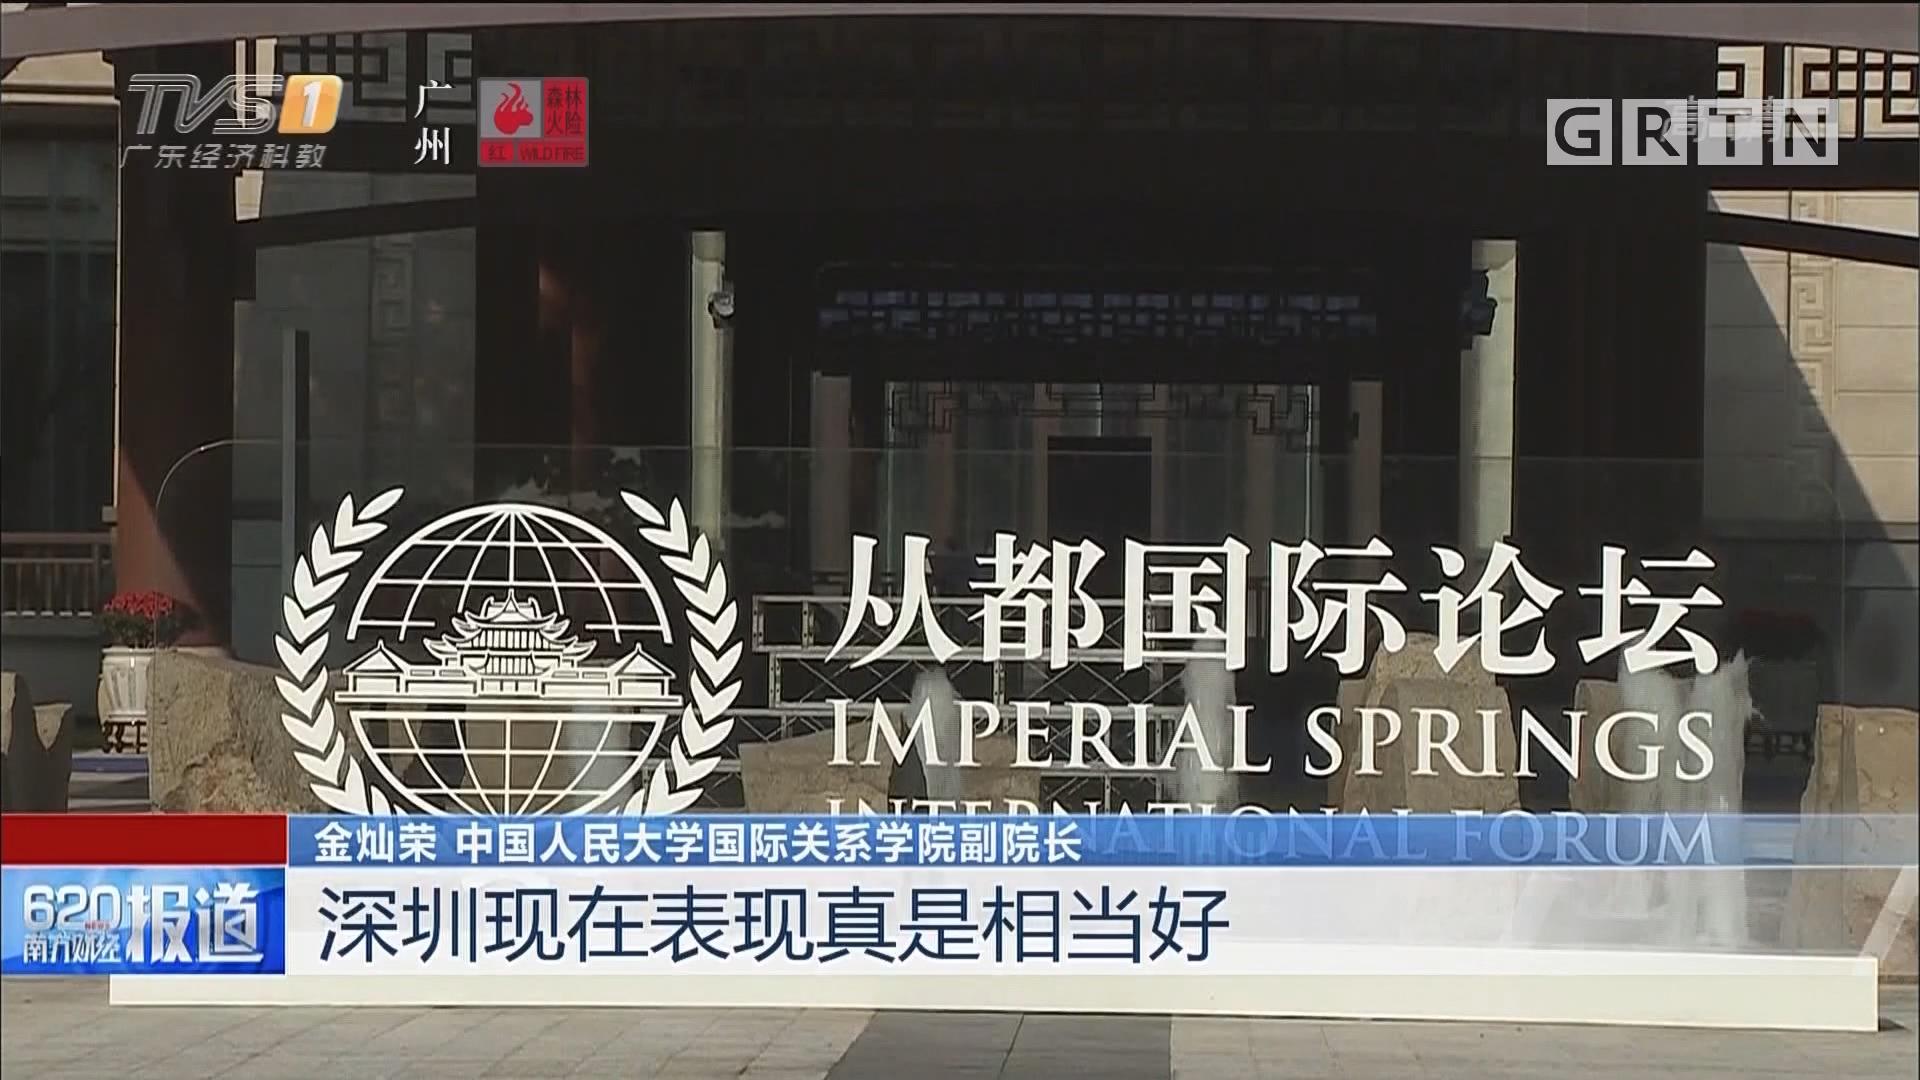 从都国际论坛:多位专家与企业代表围绕广东高质量发展建言支招